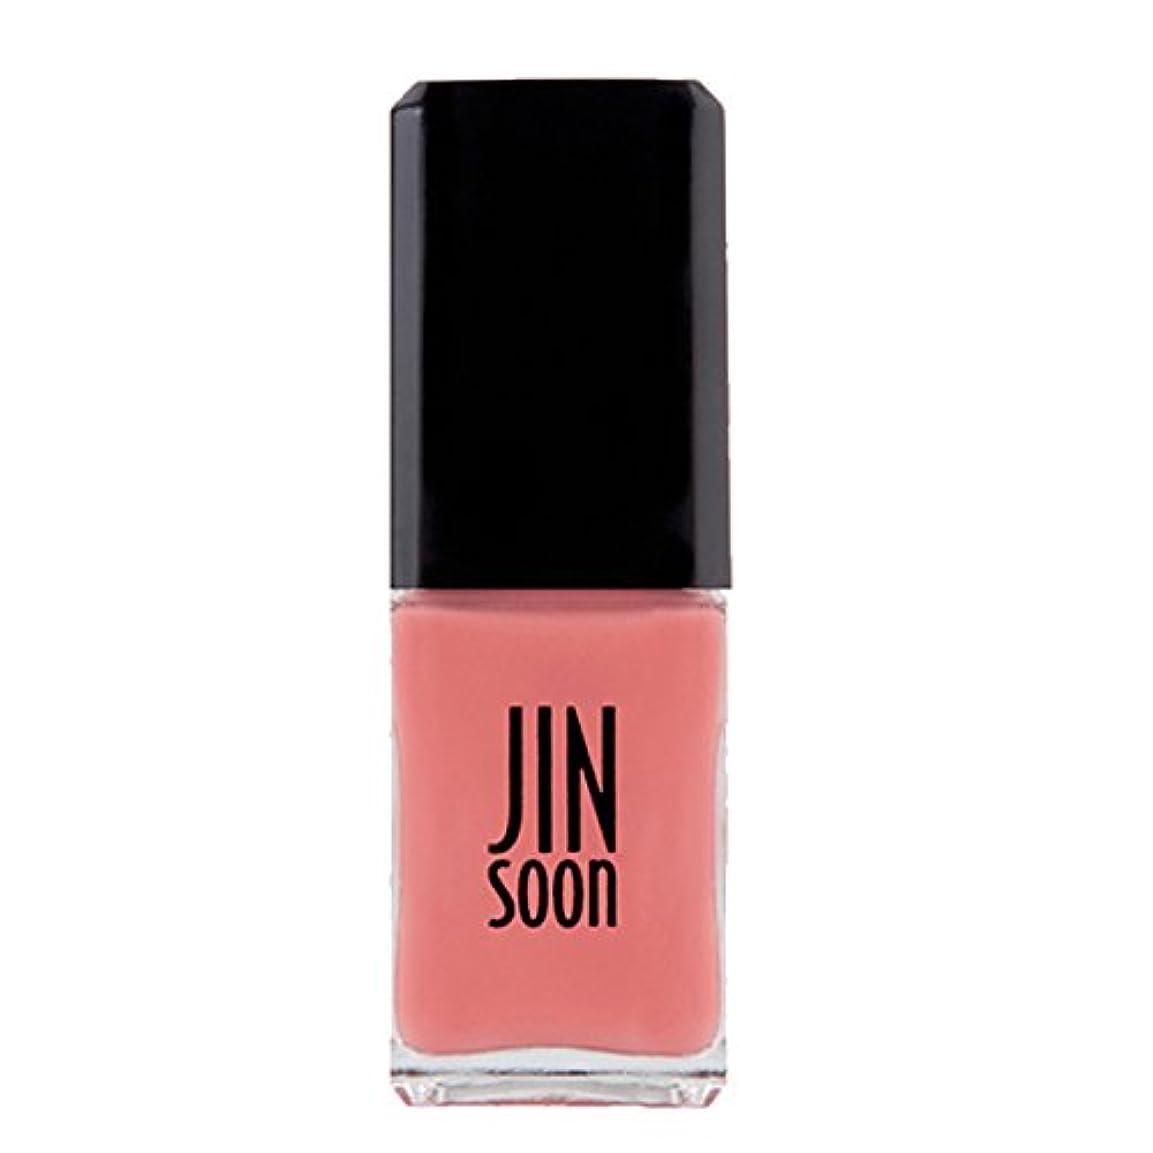 民兵ヒロイックぐったり[ジンスーン] [ jinsoon] ティーローズ(ライト コーラル)TEA ROSE ジンスーン 5フリー ネイルポリッシュ ピンク 11mL